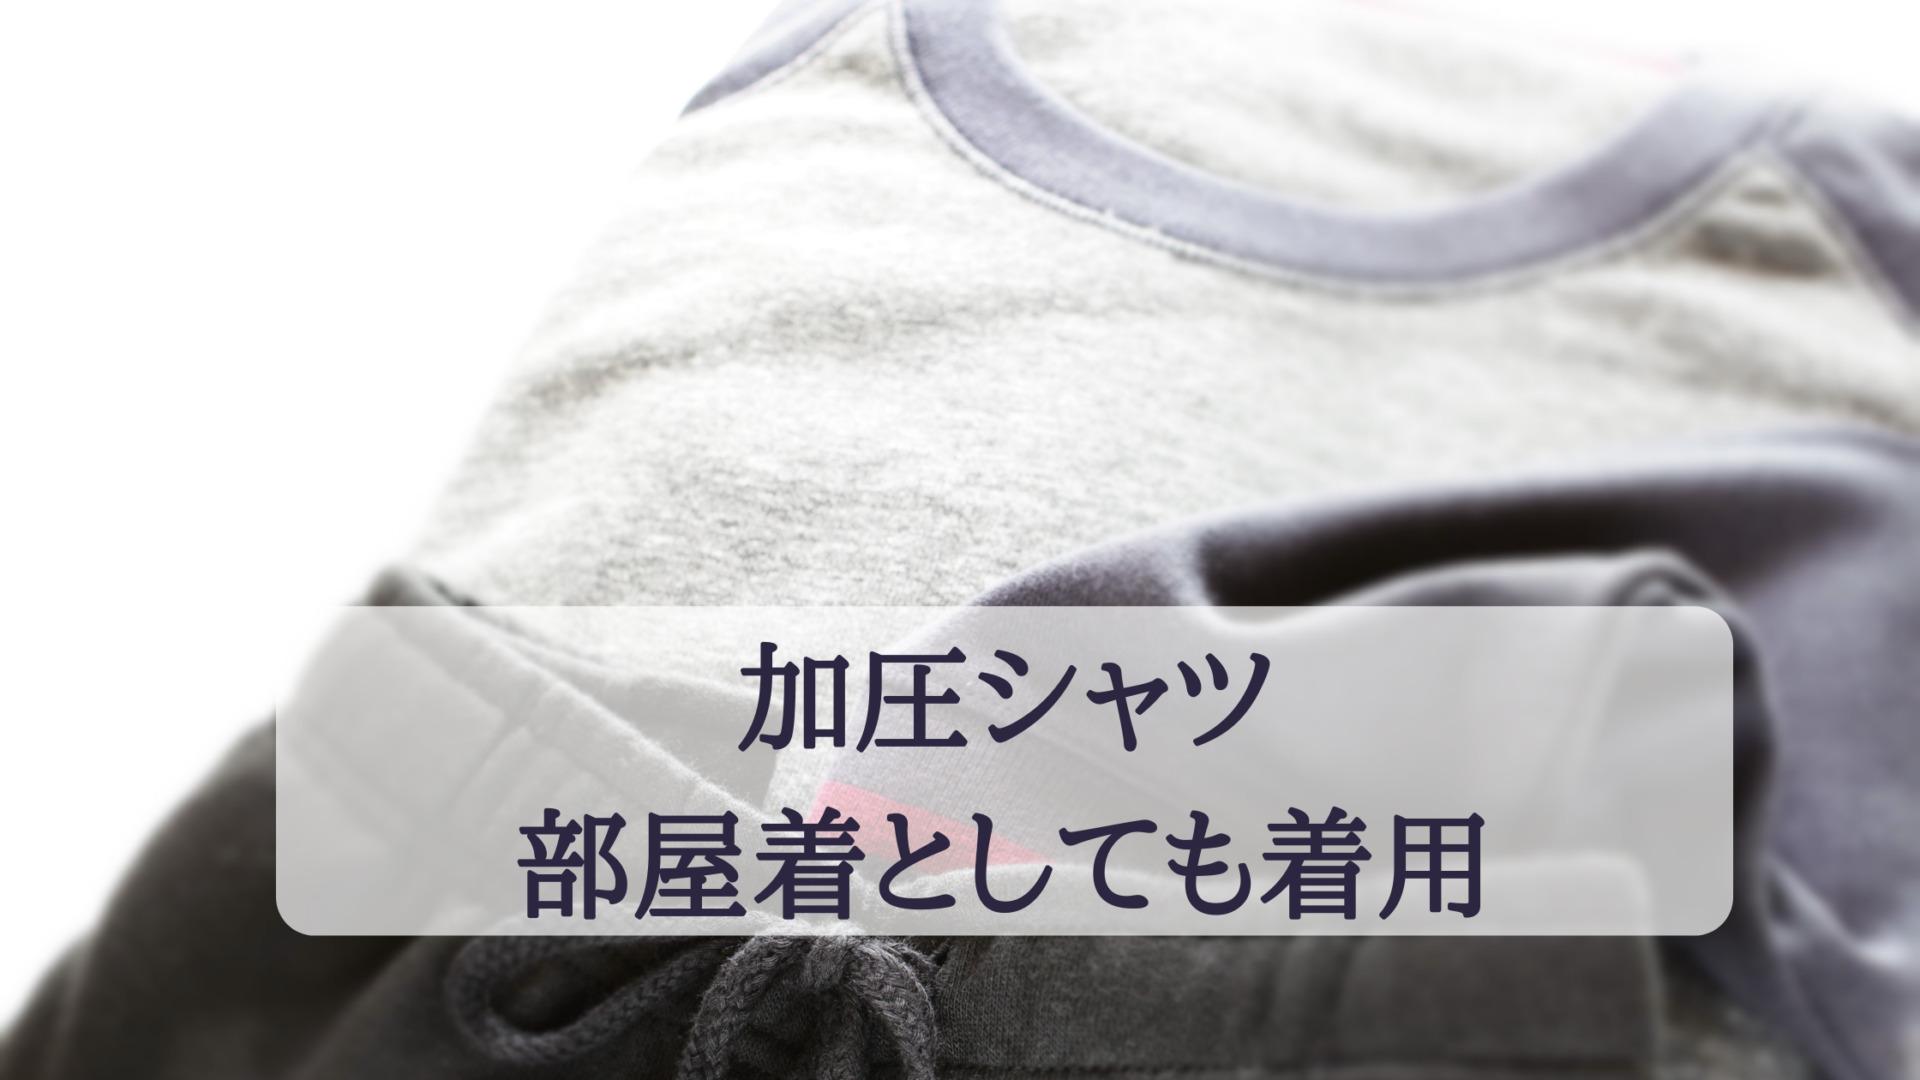 加圧シャツ部屋着としても着用